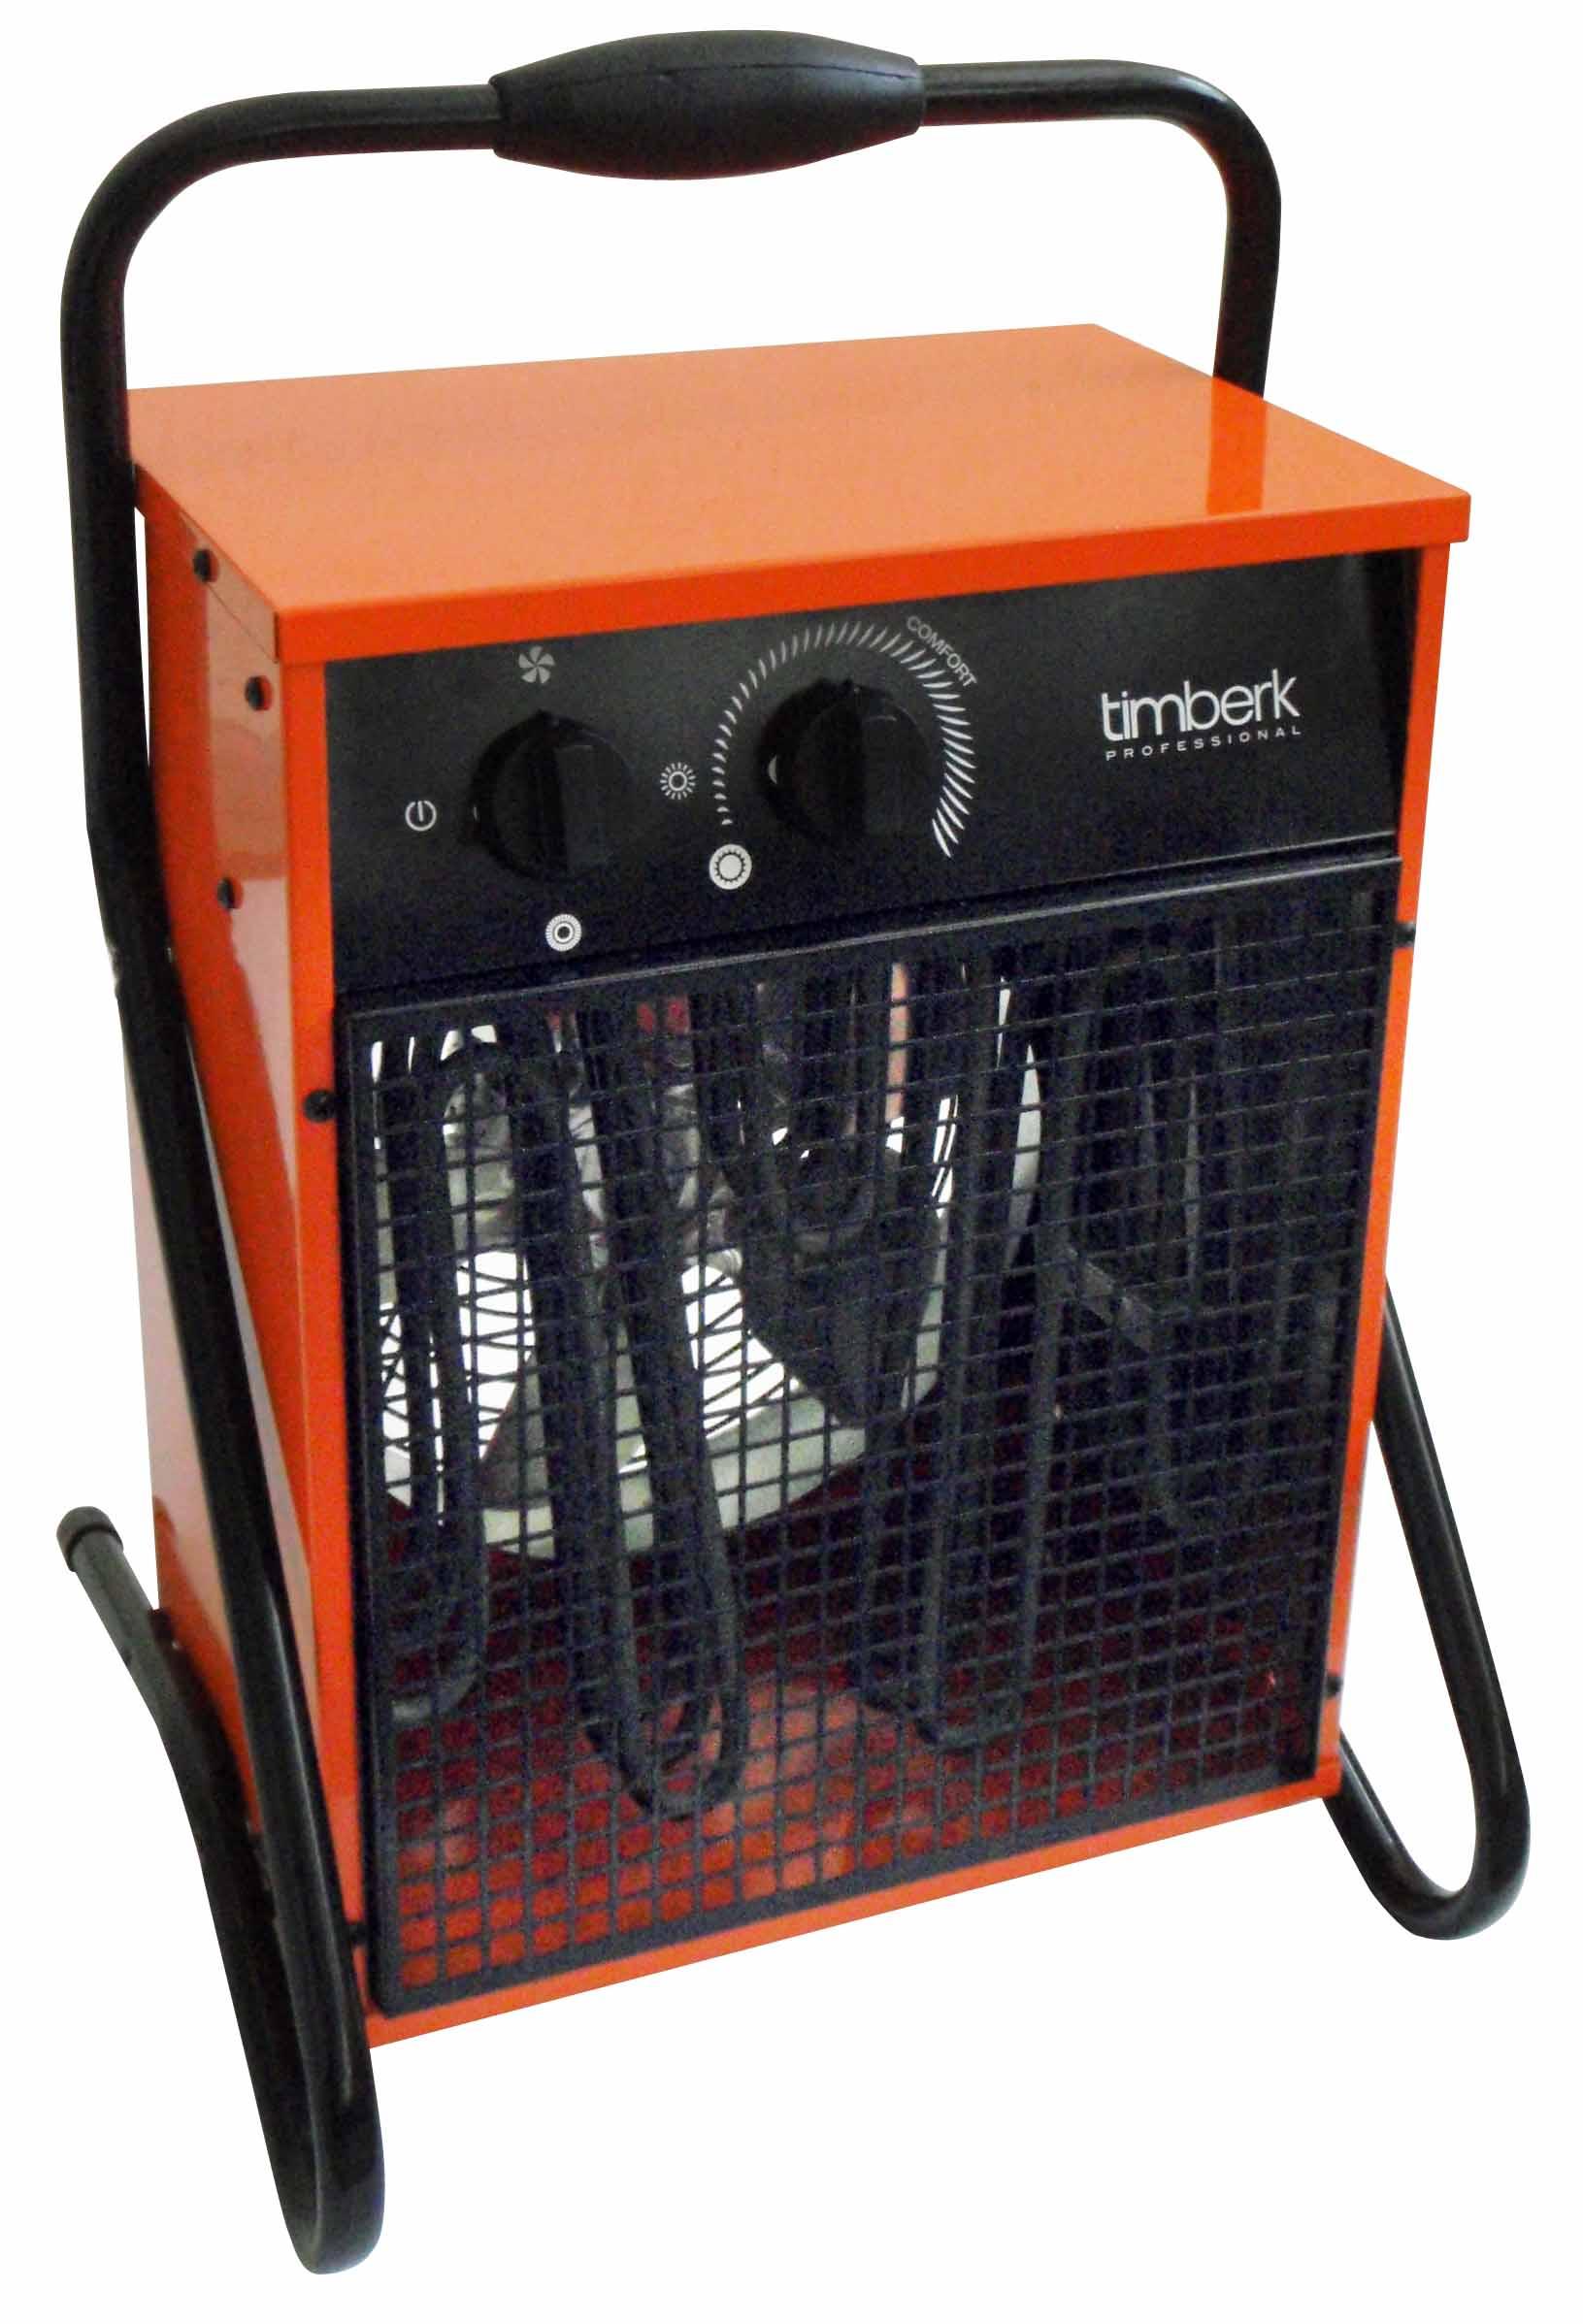 Тепловая пушка TimberkТепловые пушки и нагреватели (промышленные)<br>Тип тепловой пушки: электрические,<br>Мощность: 9000,<br>Способ нагрева: прямой,<br>Мобильность: переносной,<br>Производительность (м3/ч): 830,<br>Регулировка мощности: есть,<br>Защита от перегрева: есть,<br>Вес нетто: 12,<br>Напряжение: 380<br>